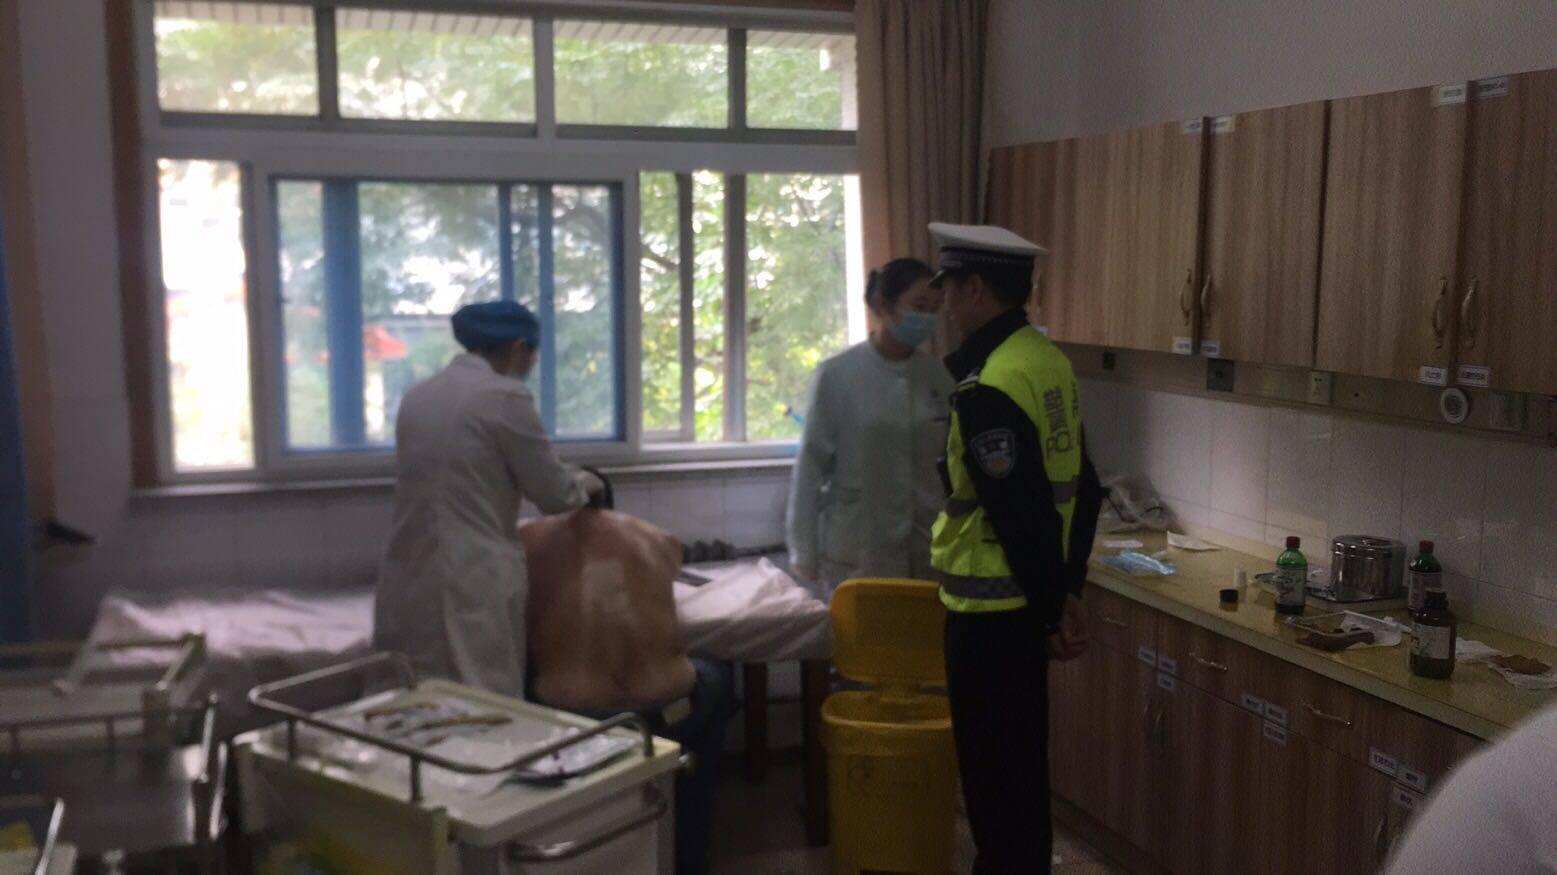 淄博:市民被烫伤 交警送医上演极限默契